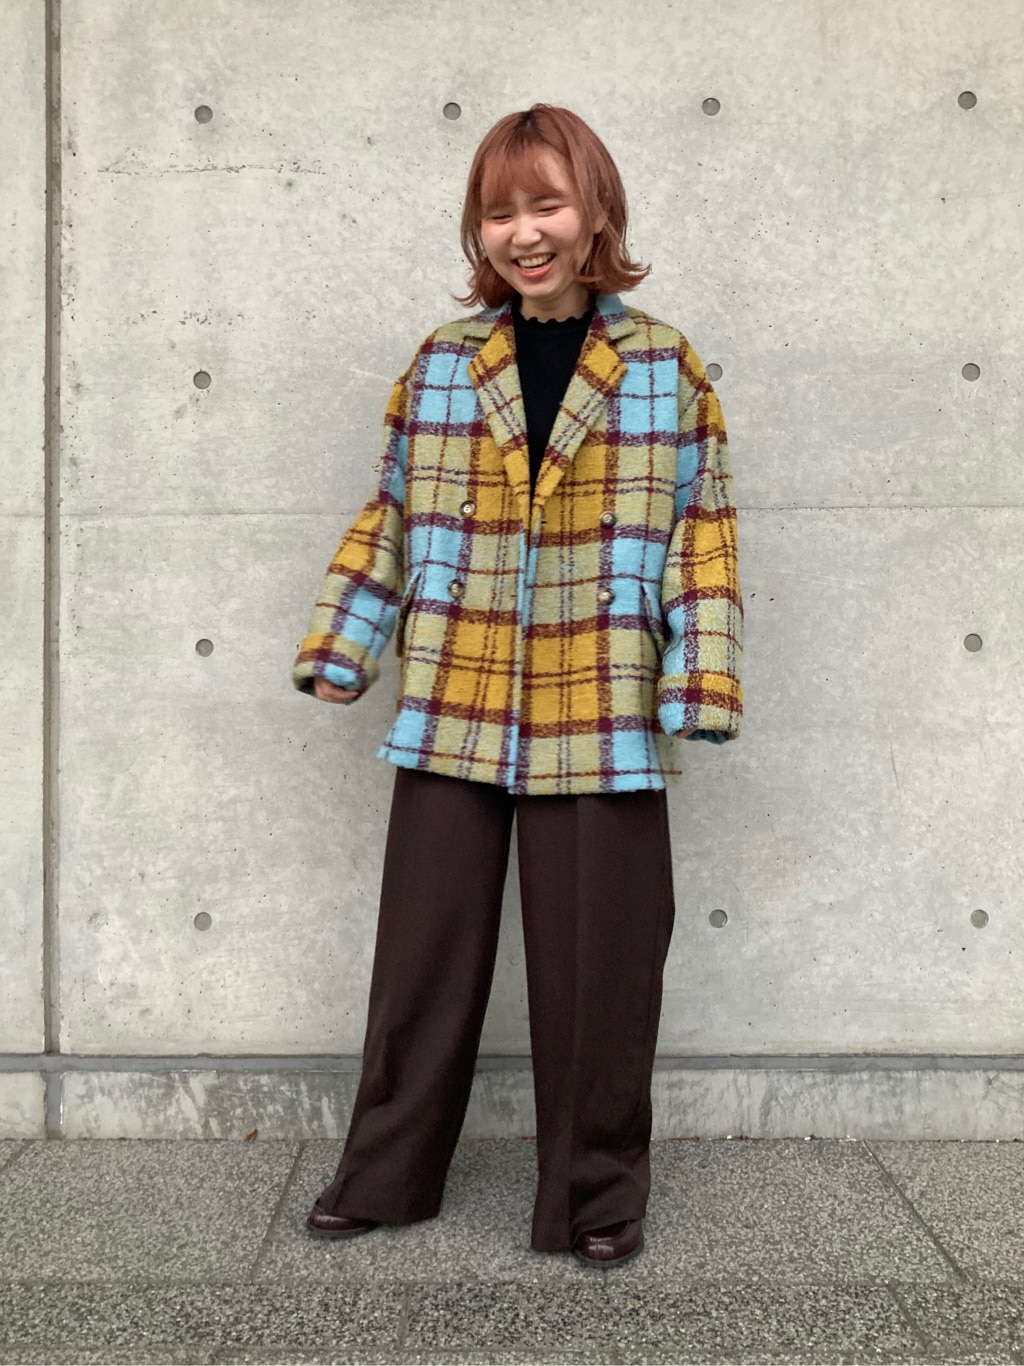 l'atelier du savon 東京スカイツリータウン・ソラマチ 身長:154cm 2020.11.26